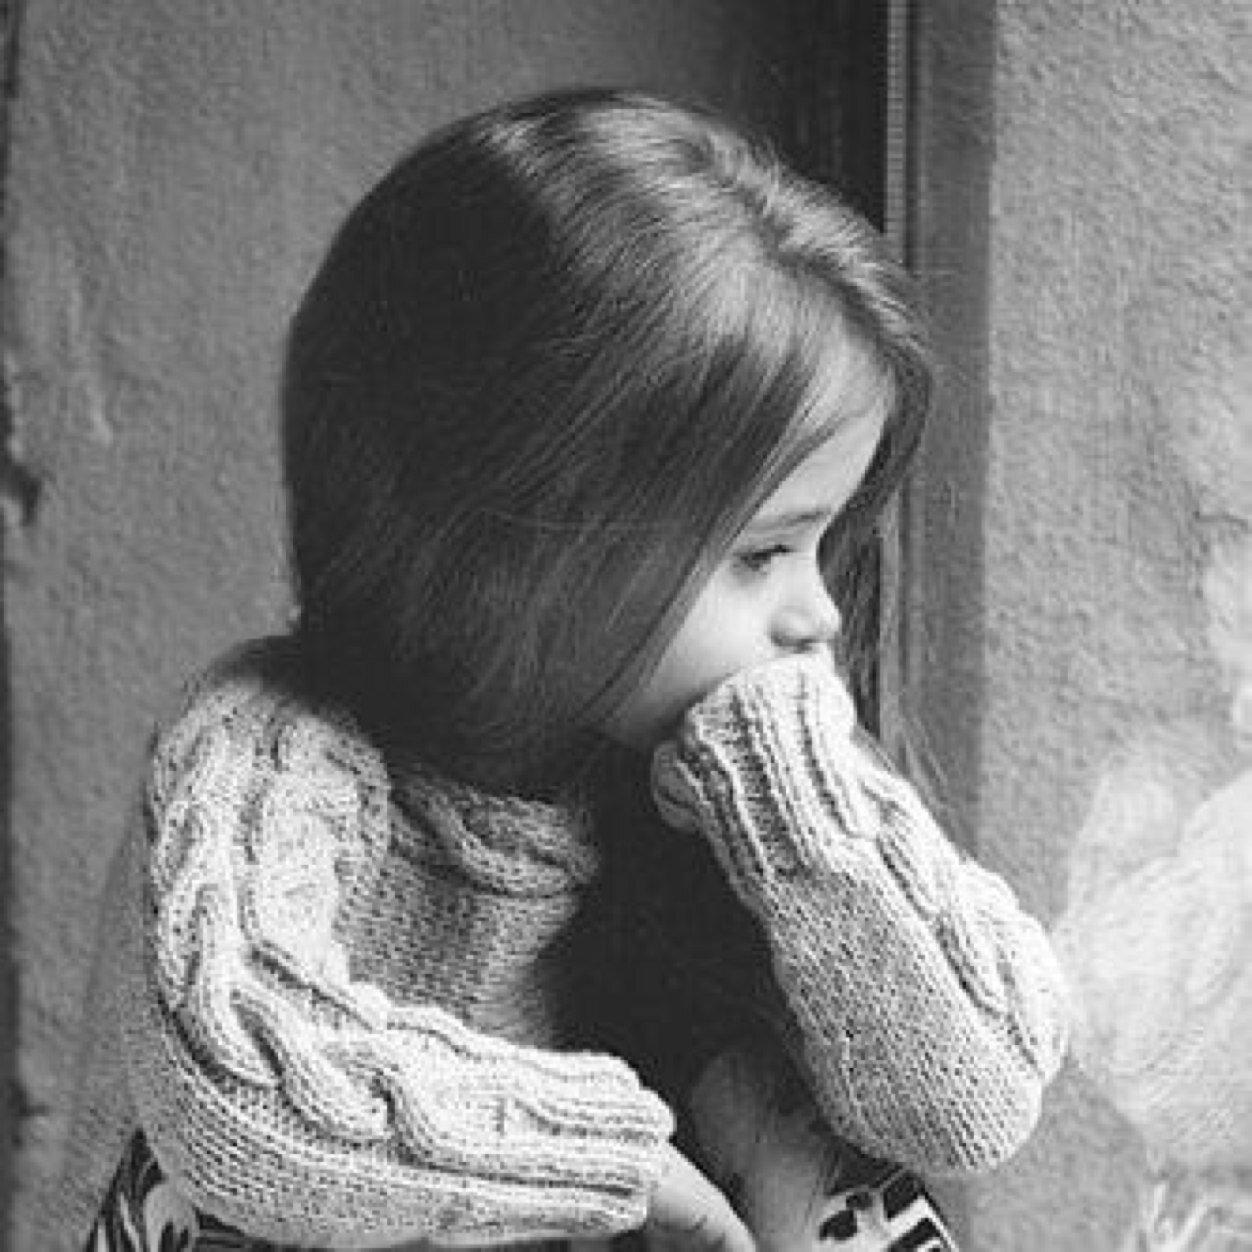 بالصور طفلة حزينة , صور مؤثرة جدا لبنات حزينه وحيدة